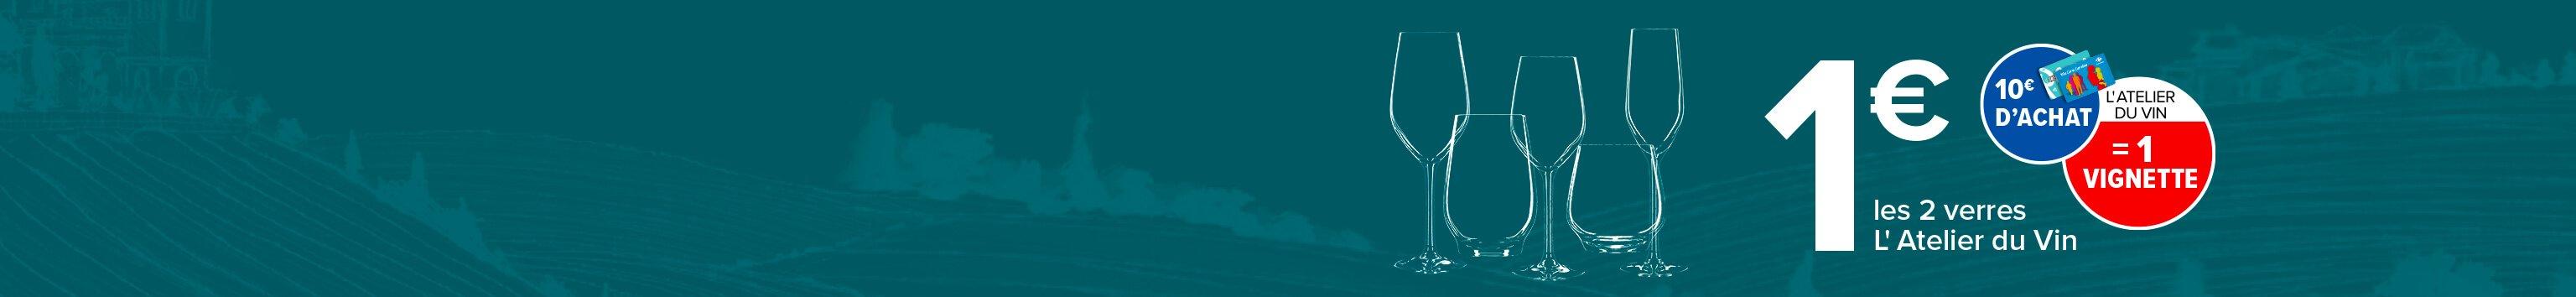 Atelier du vins